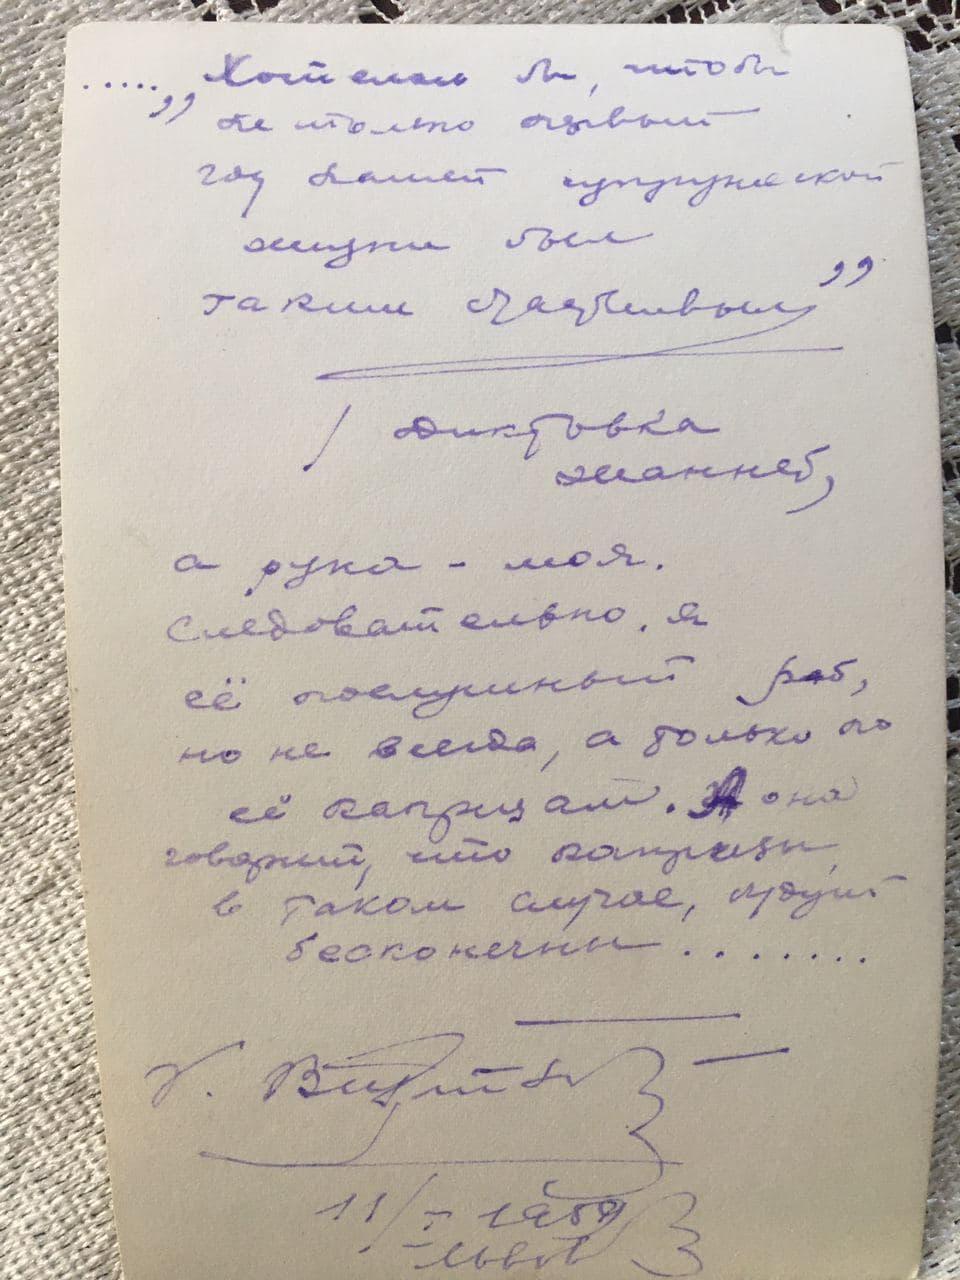 Роман Віктюк підписав спільне фото з Жанною Тугай, жартома зробивши її своєю «дружиною» / фотоз особистого архіву Жанни Тугай